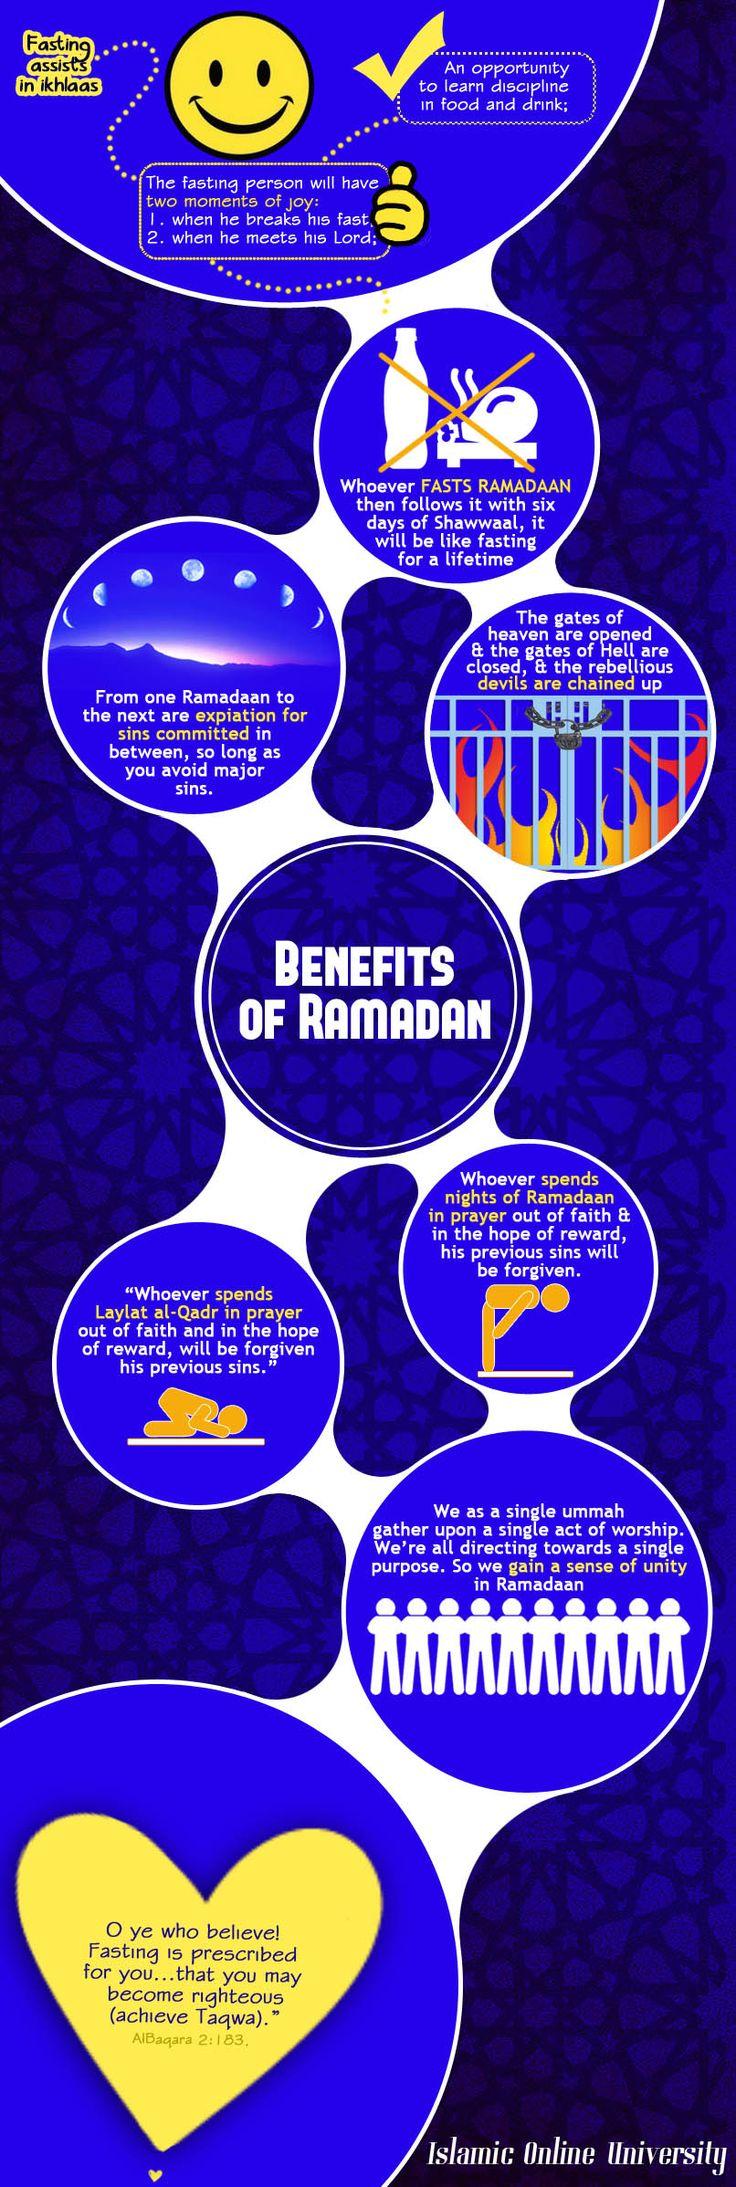 virtues of Ramadan_blue_islamic_dark